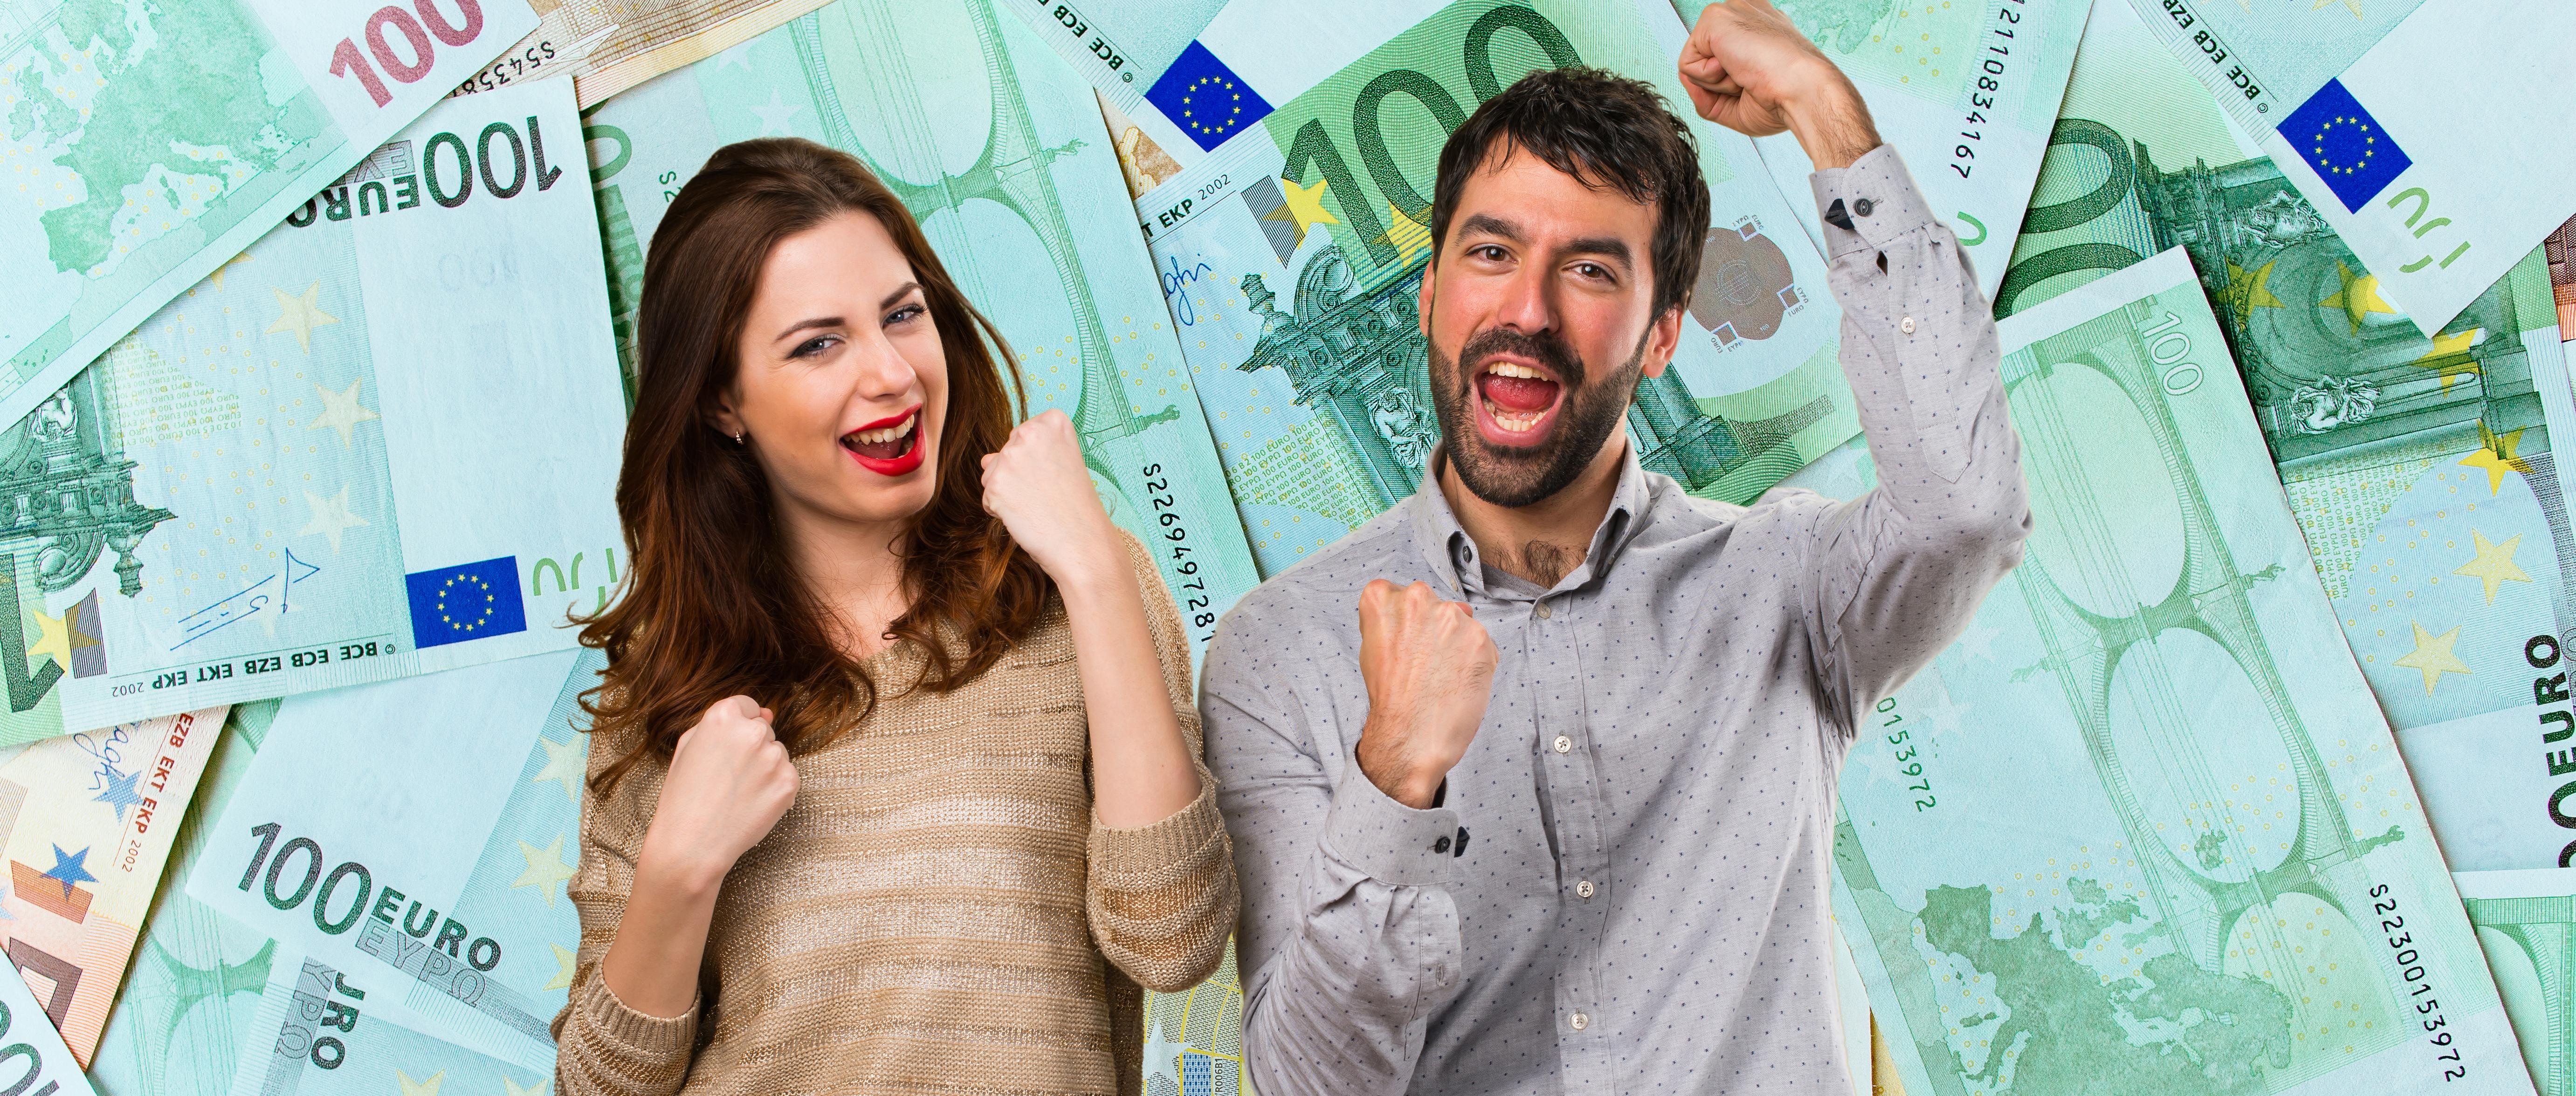 Wird der Jackpot von Lotto 6aus49 nach zwölf aufeinanderfolgenden Ziehungen nicht geknackt, muss er ausgeschüttet werden.